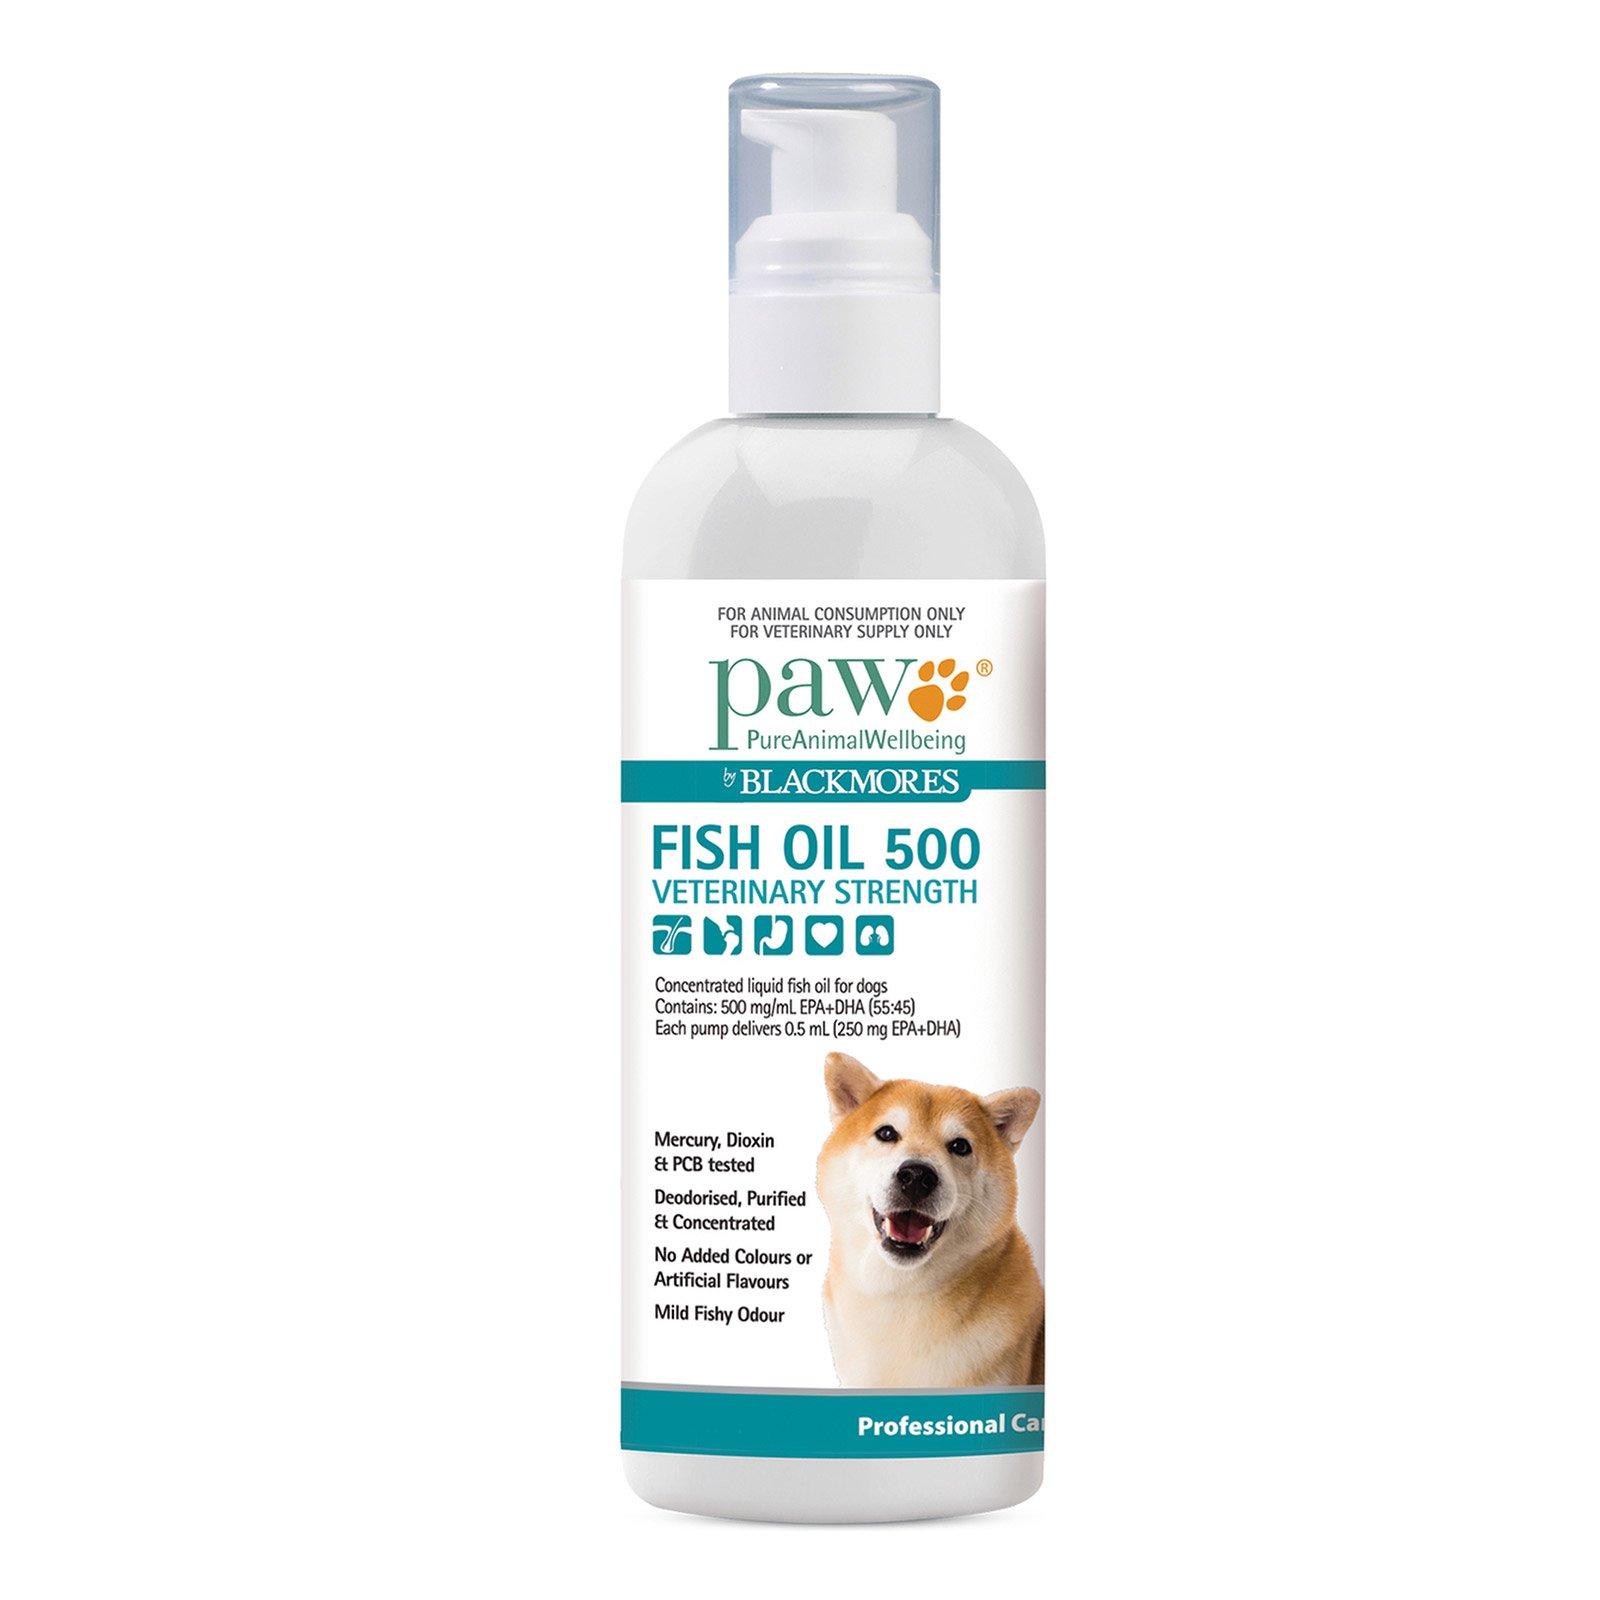 Paw-Fish-Oil-500Vet-Strength-200Ml_07142021_231536.jpg